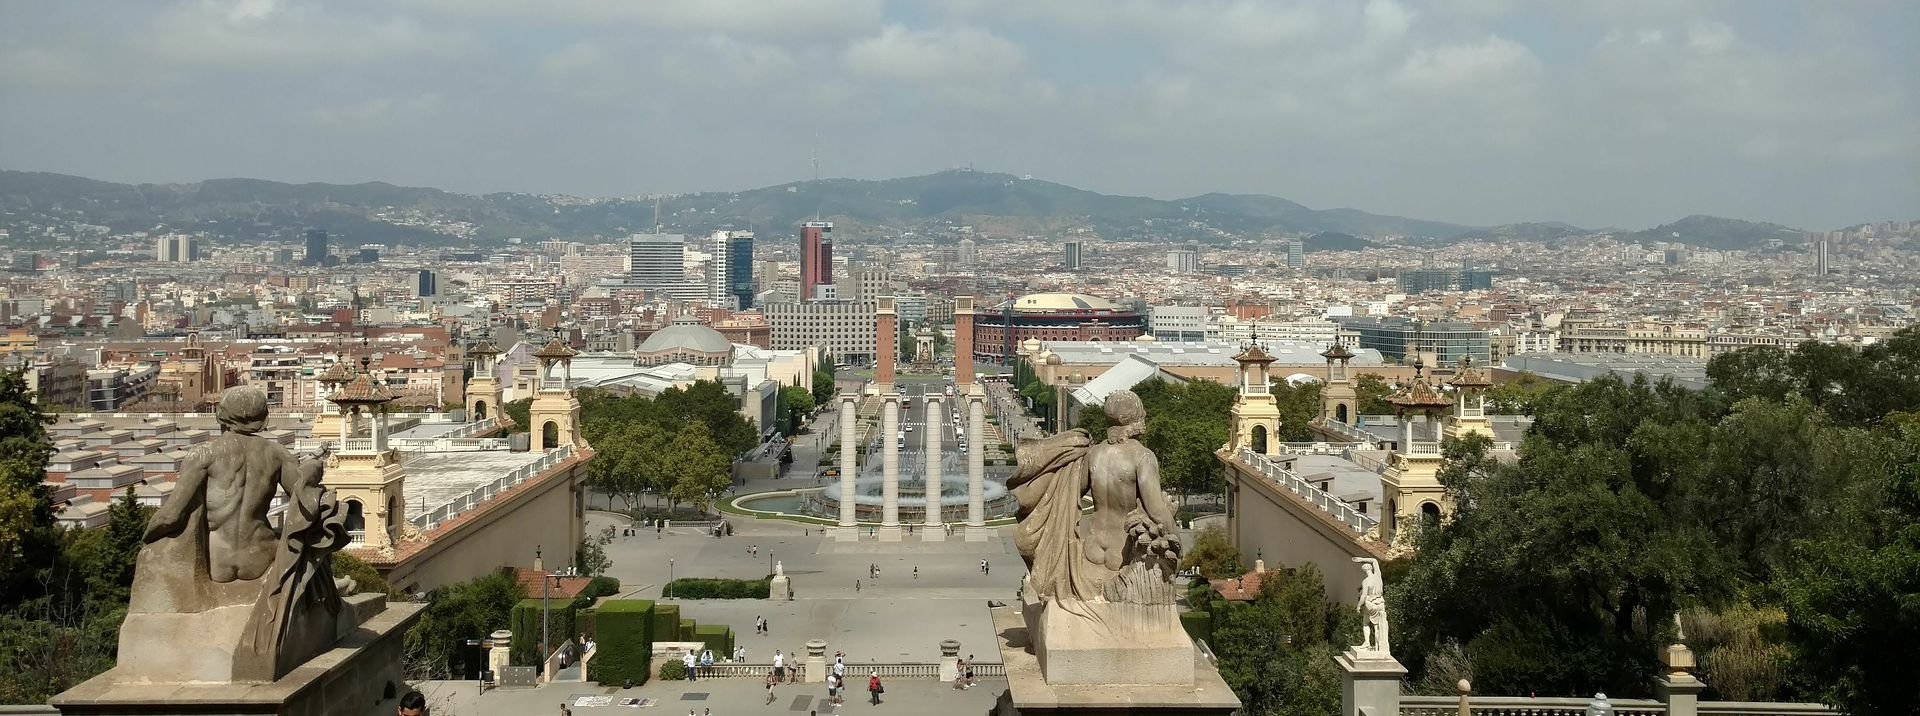 Španjolska vlada i smijenjena katalonska vlast međusobno se optužuju za gubitak domaćinstva EMA-e u Barceloni